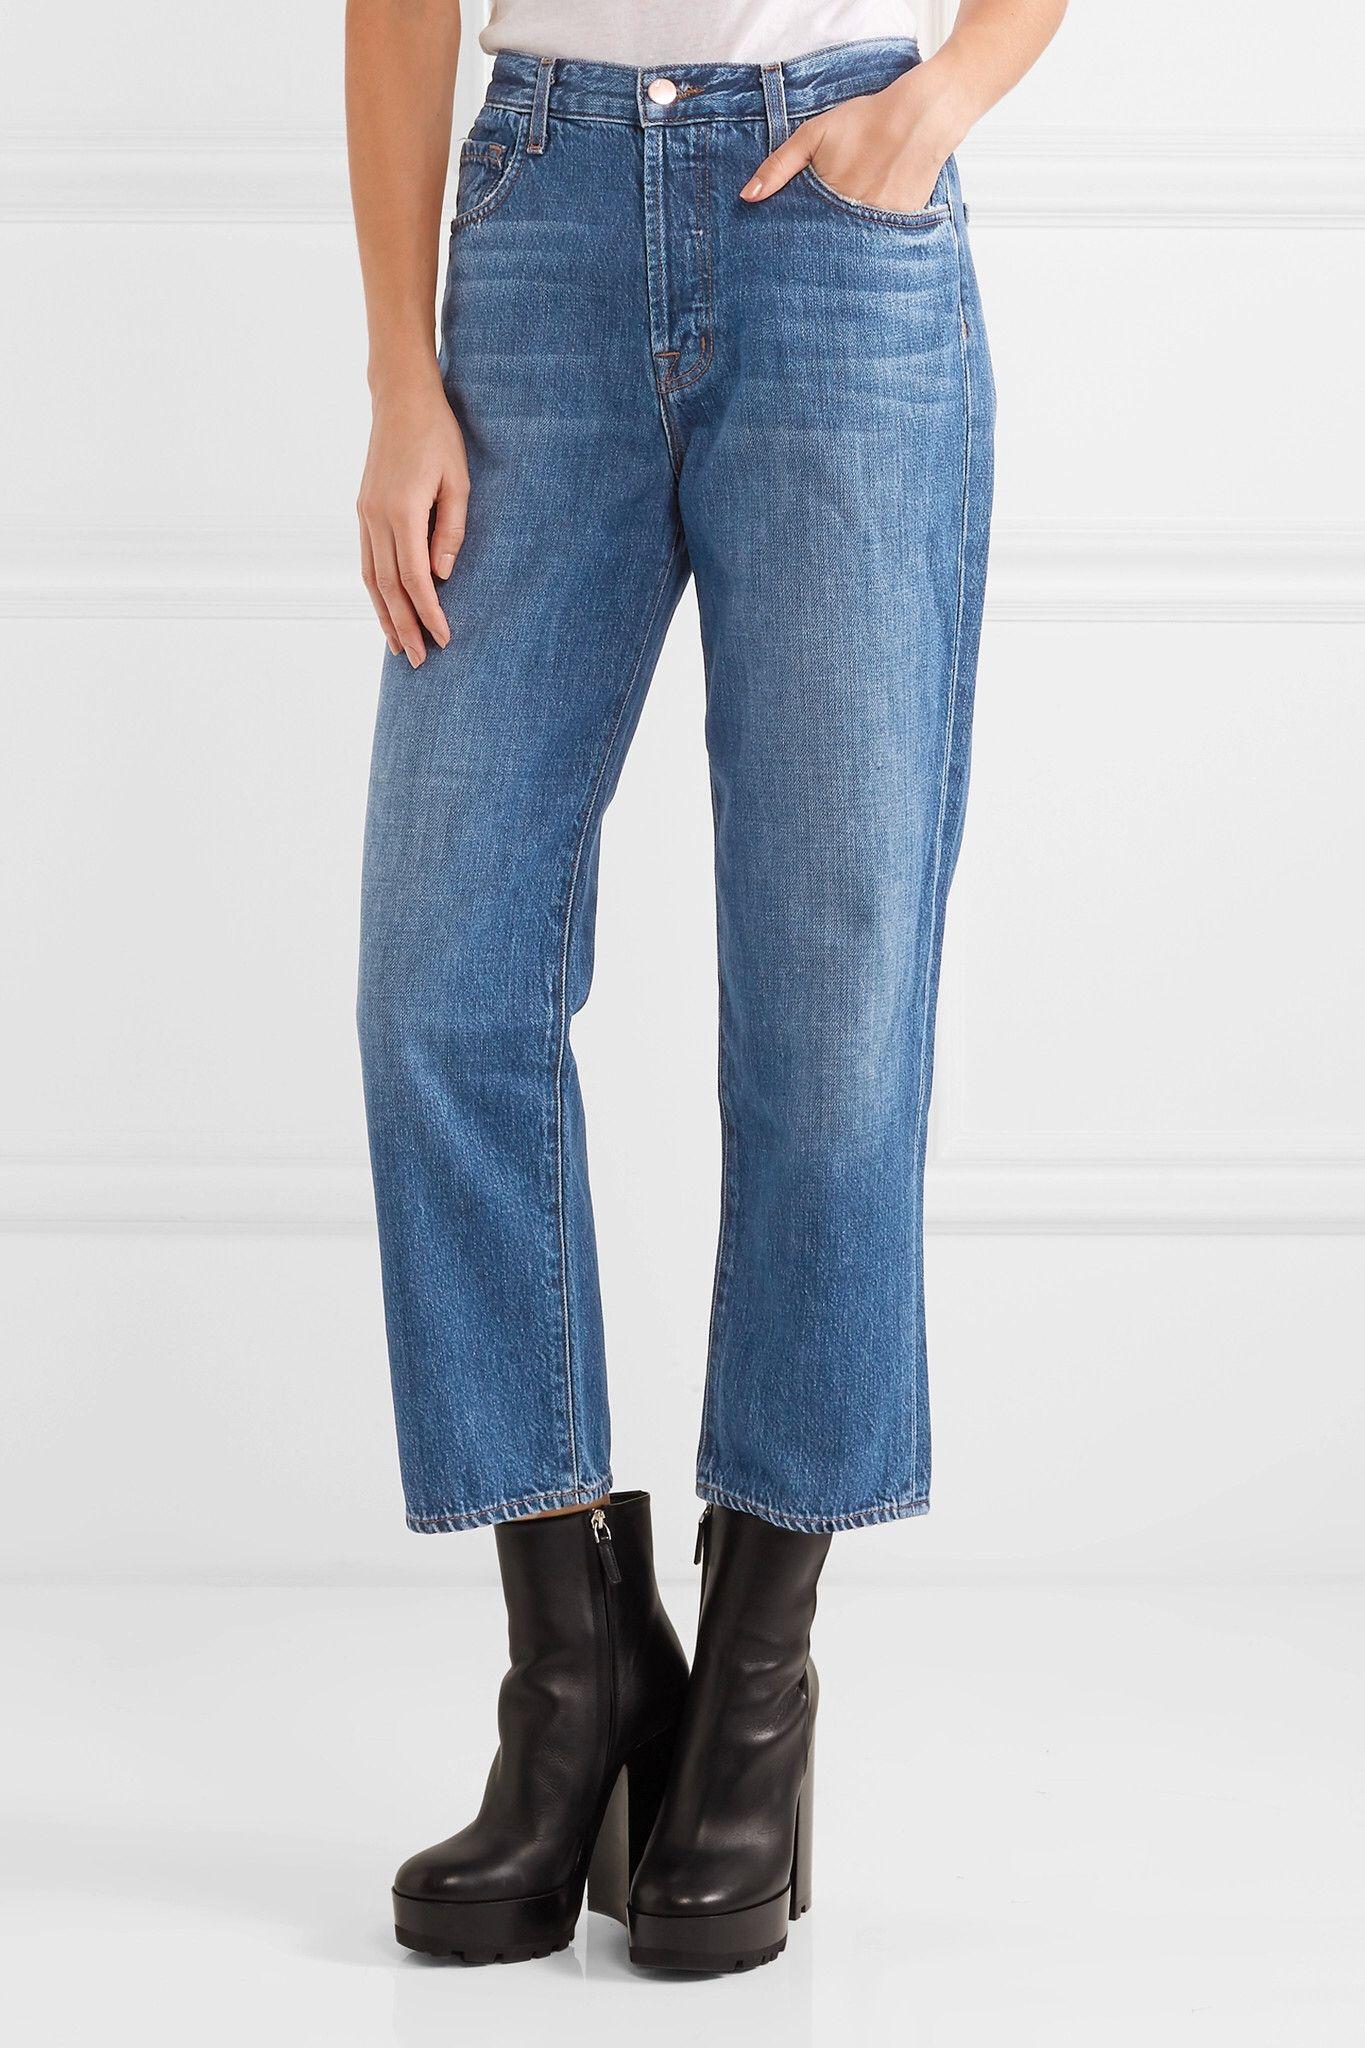 Lierre Recadrée Jeans - Bleu Marque J Xvrmfey